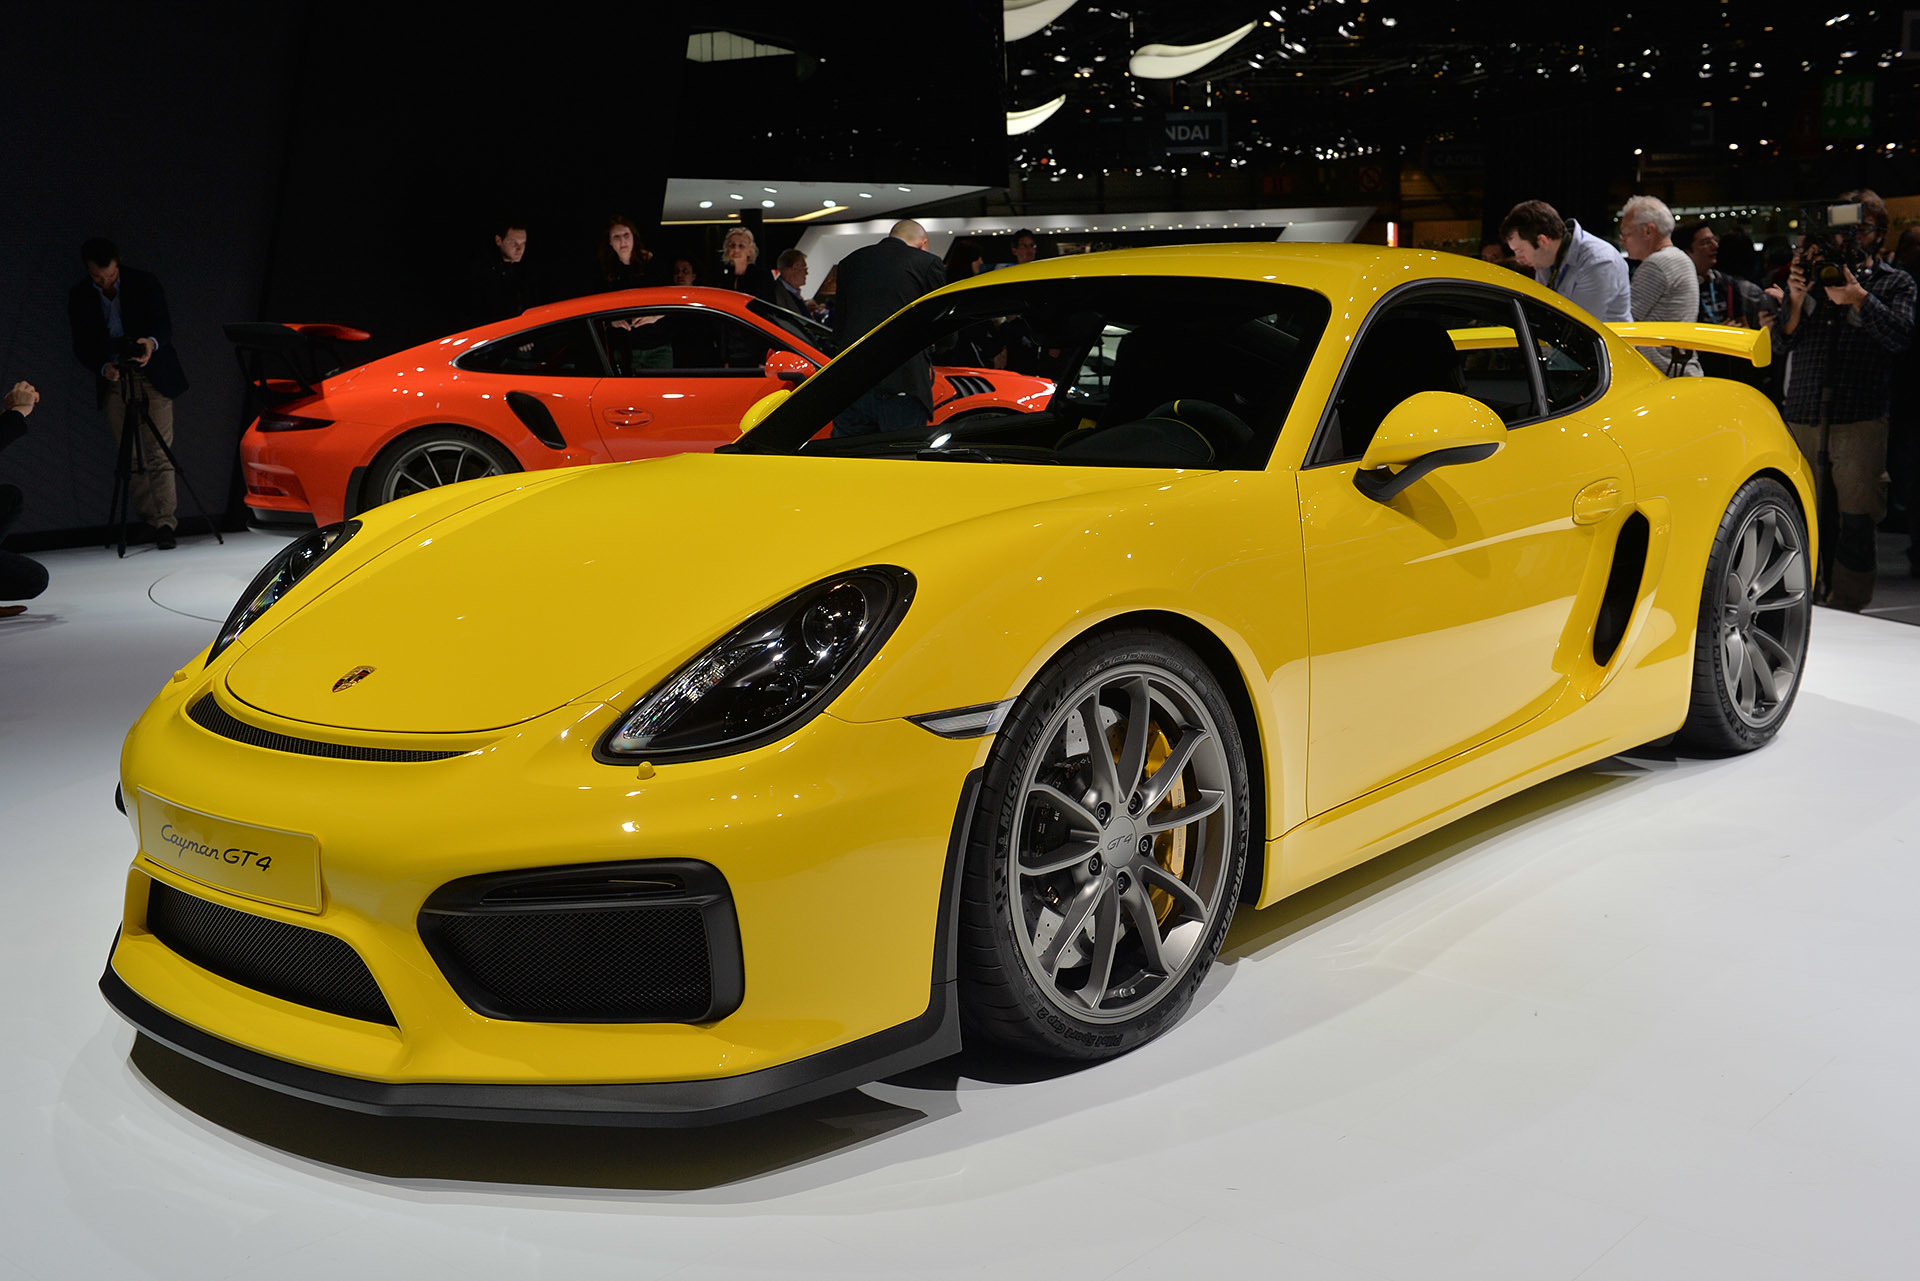 2015-Porsche-Cayman-GT4-05----2015-Geneva-Motor-Show.JPG